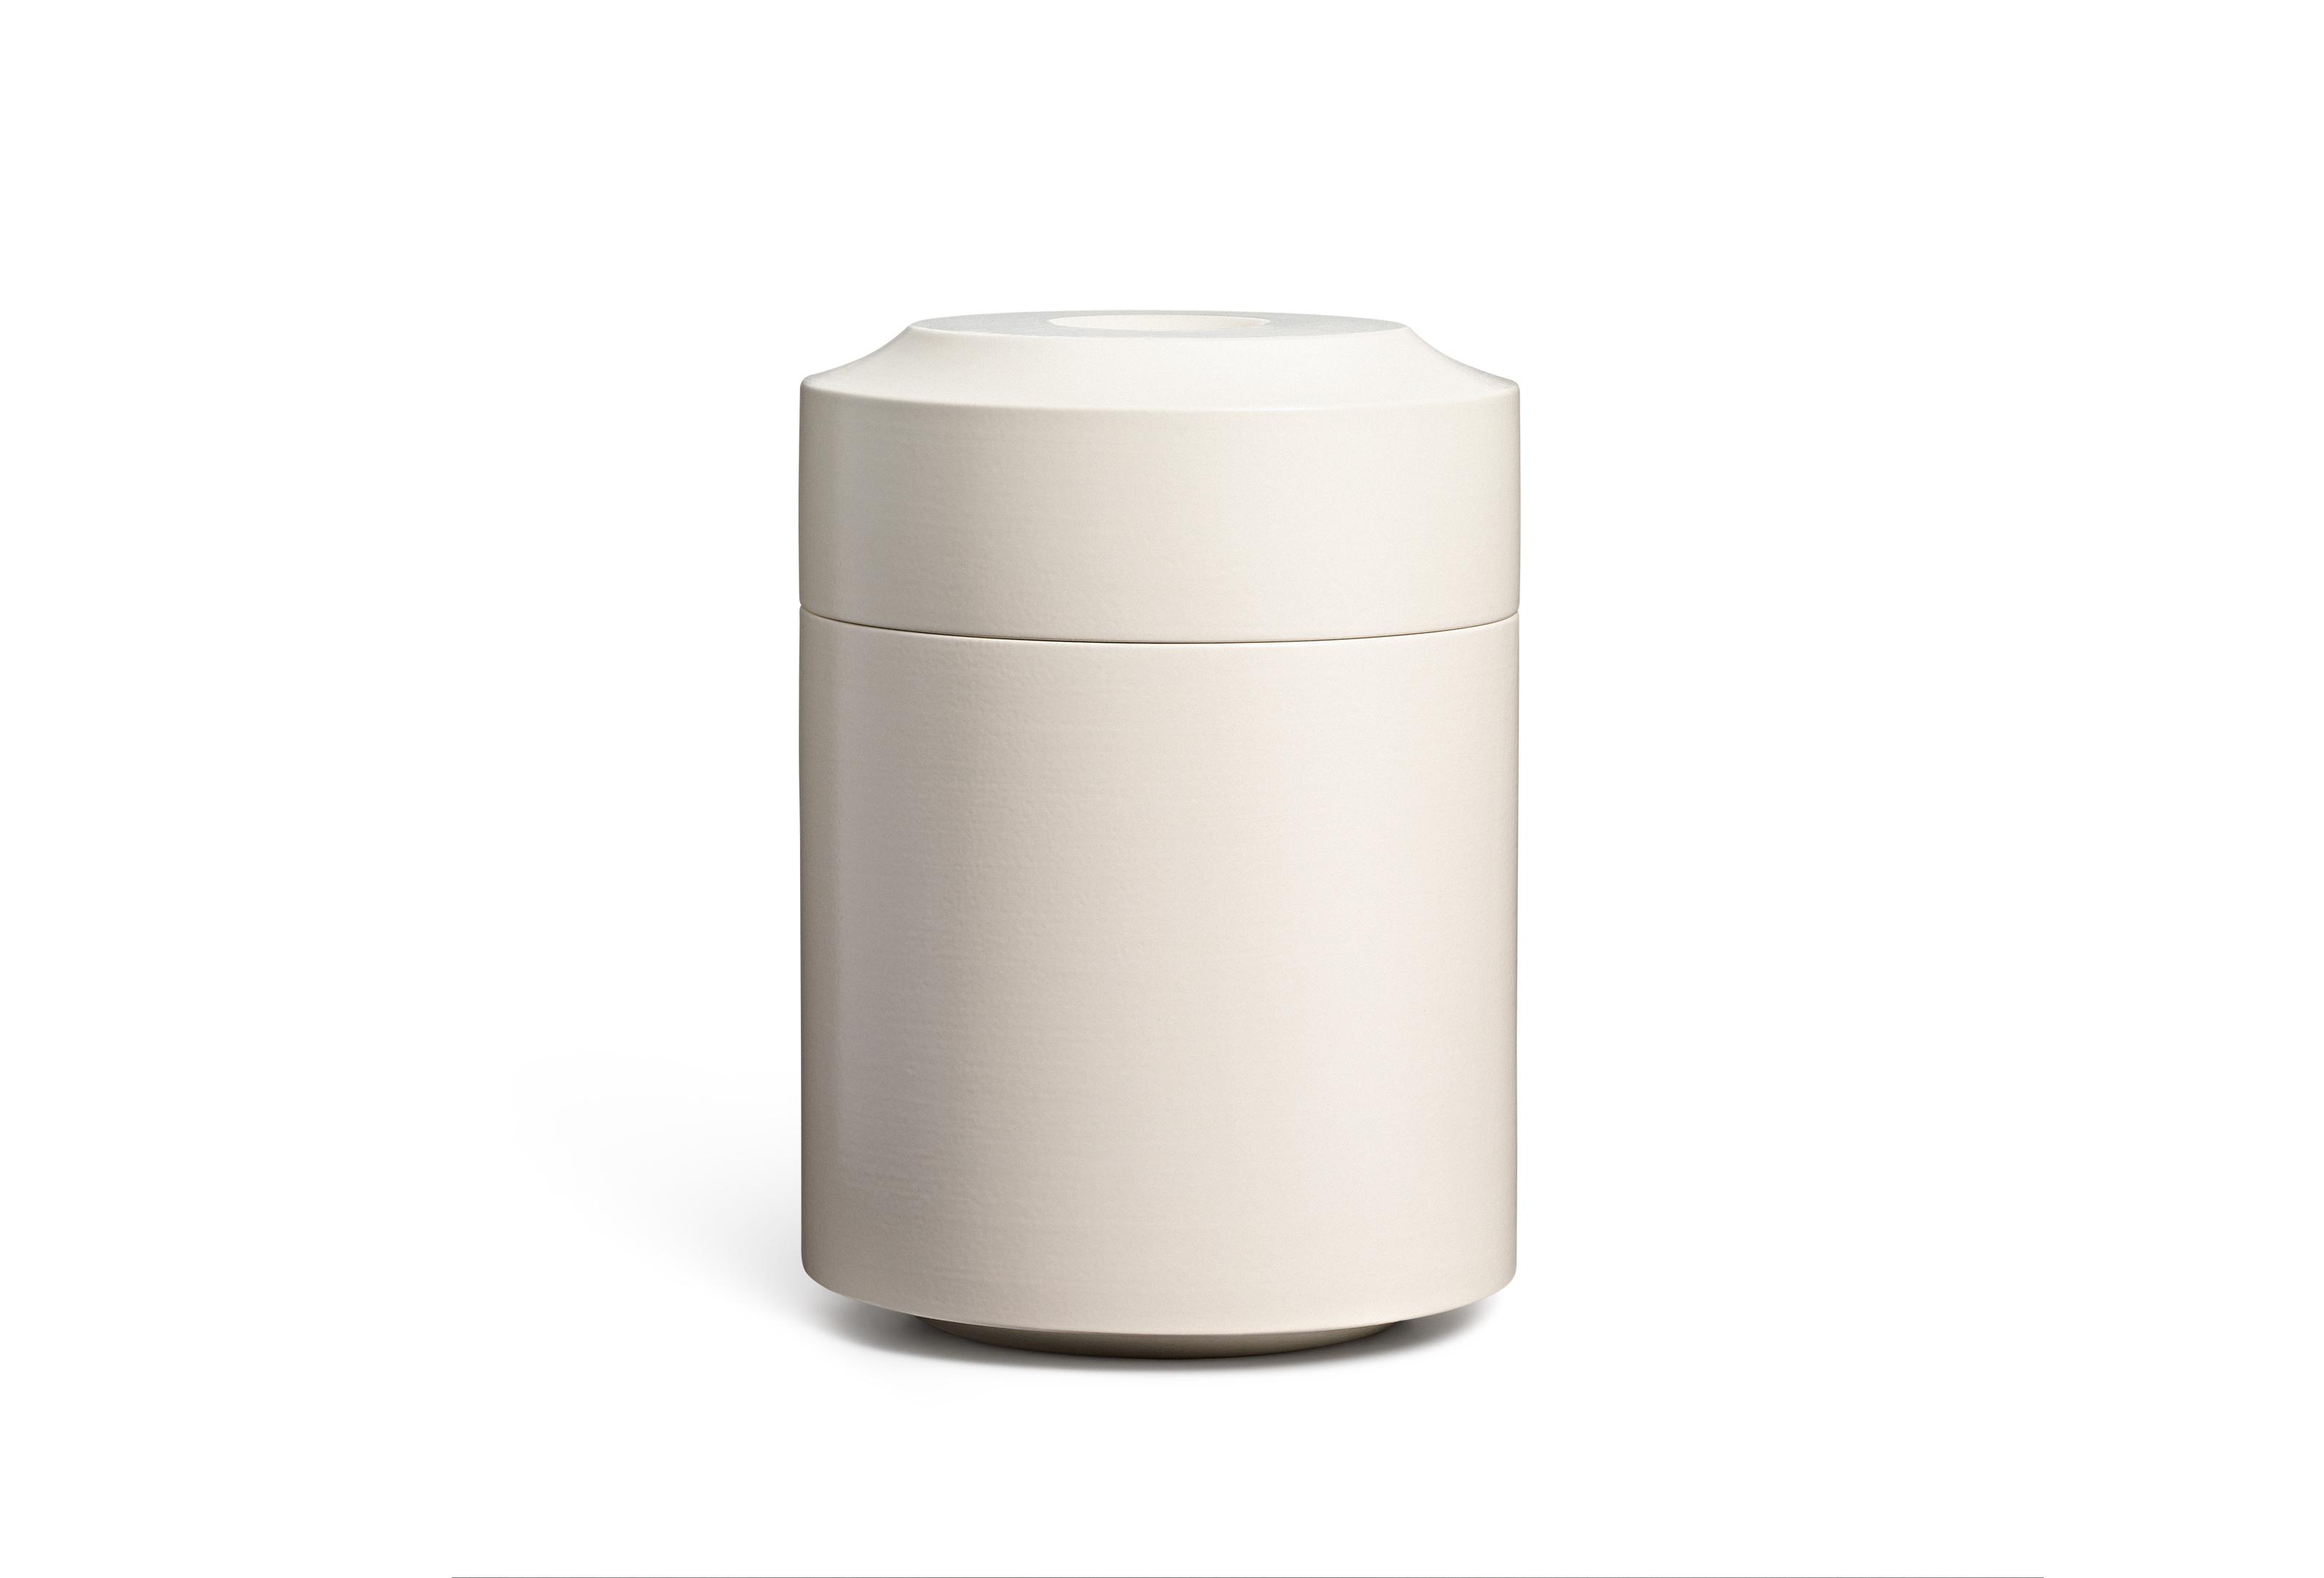 Keramik / unglasiert <br />Farbe: stone<br />H 29cm, DM 21cm